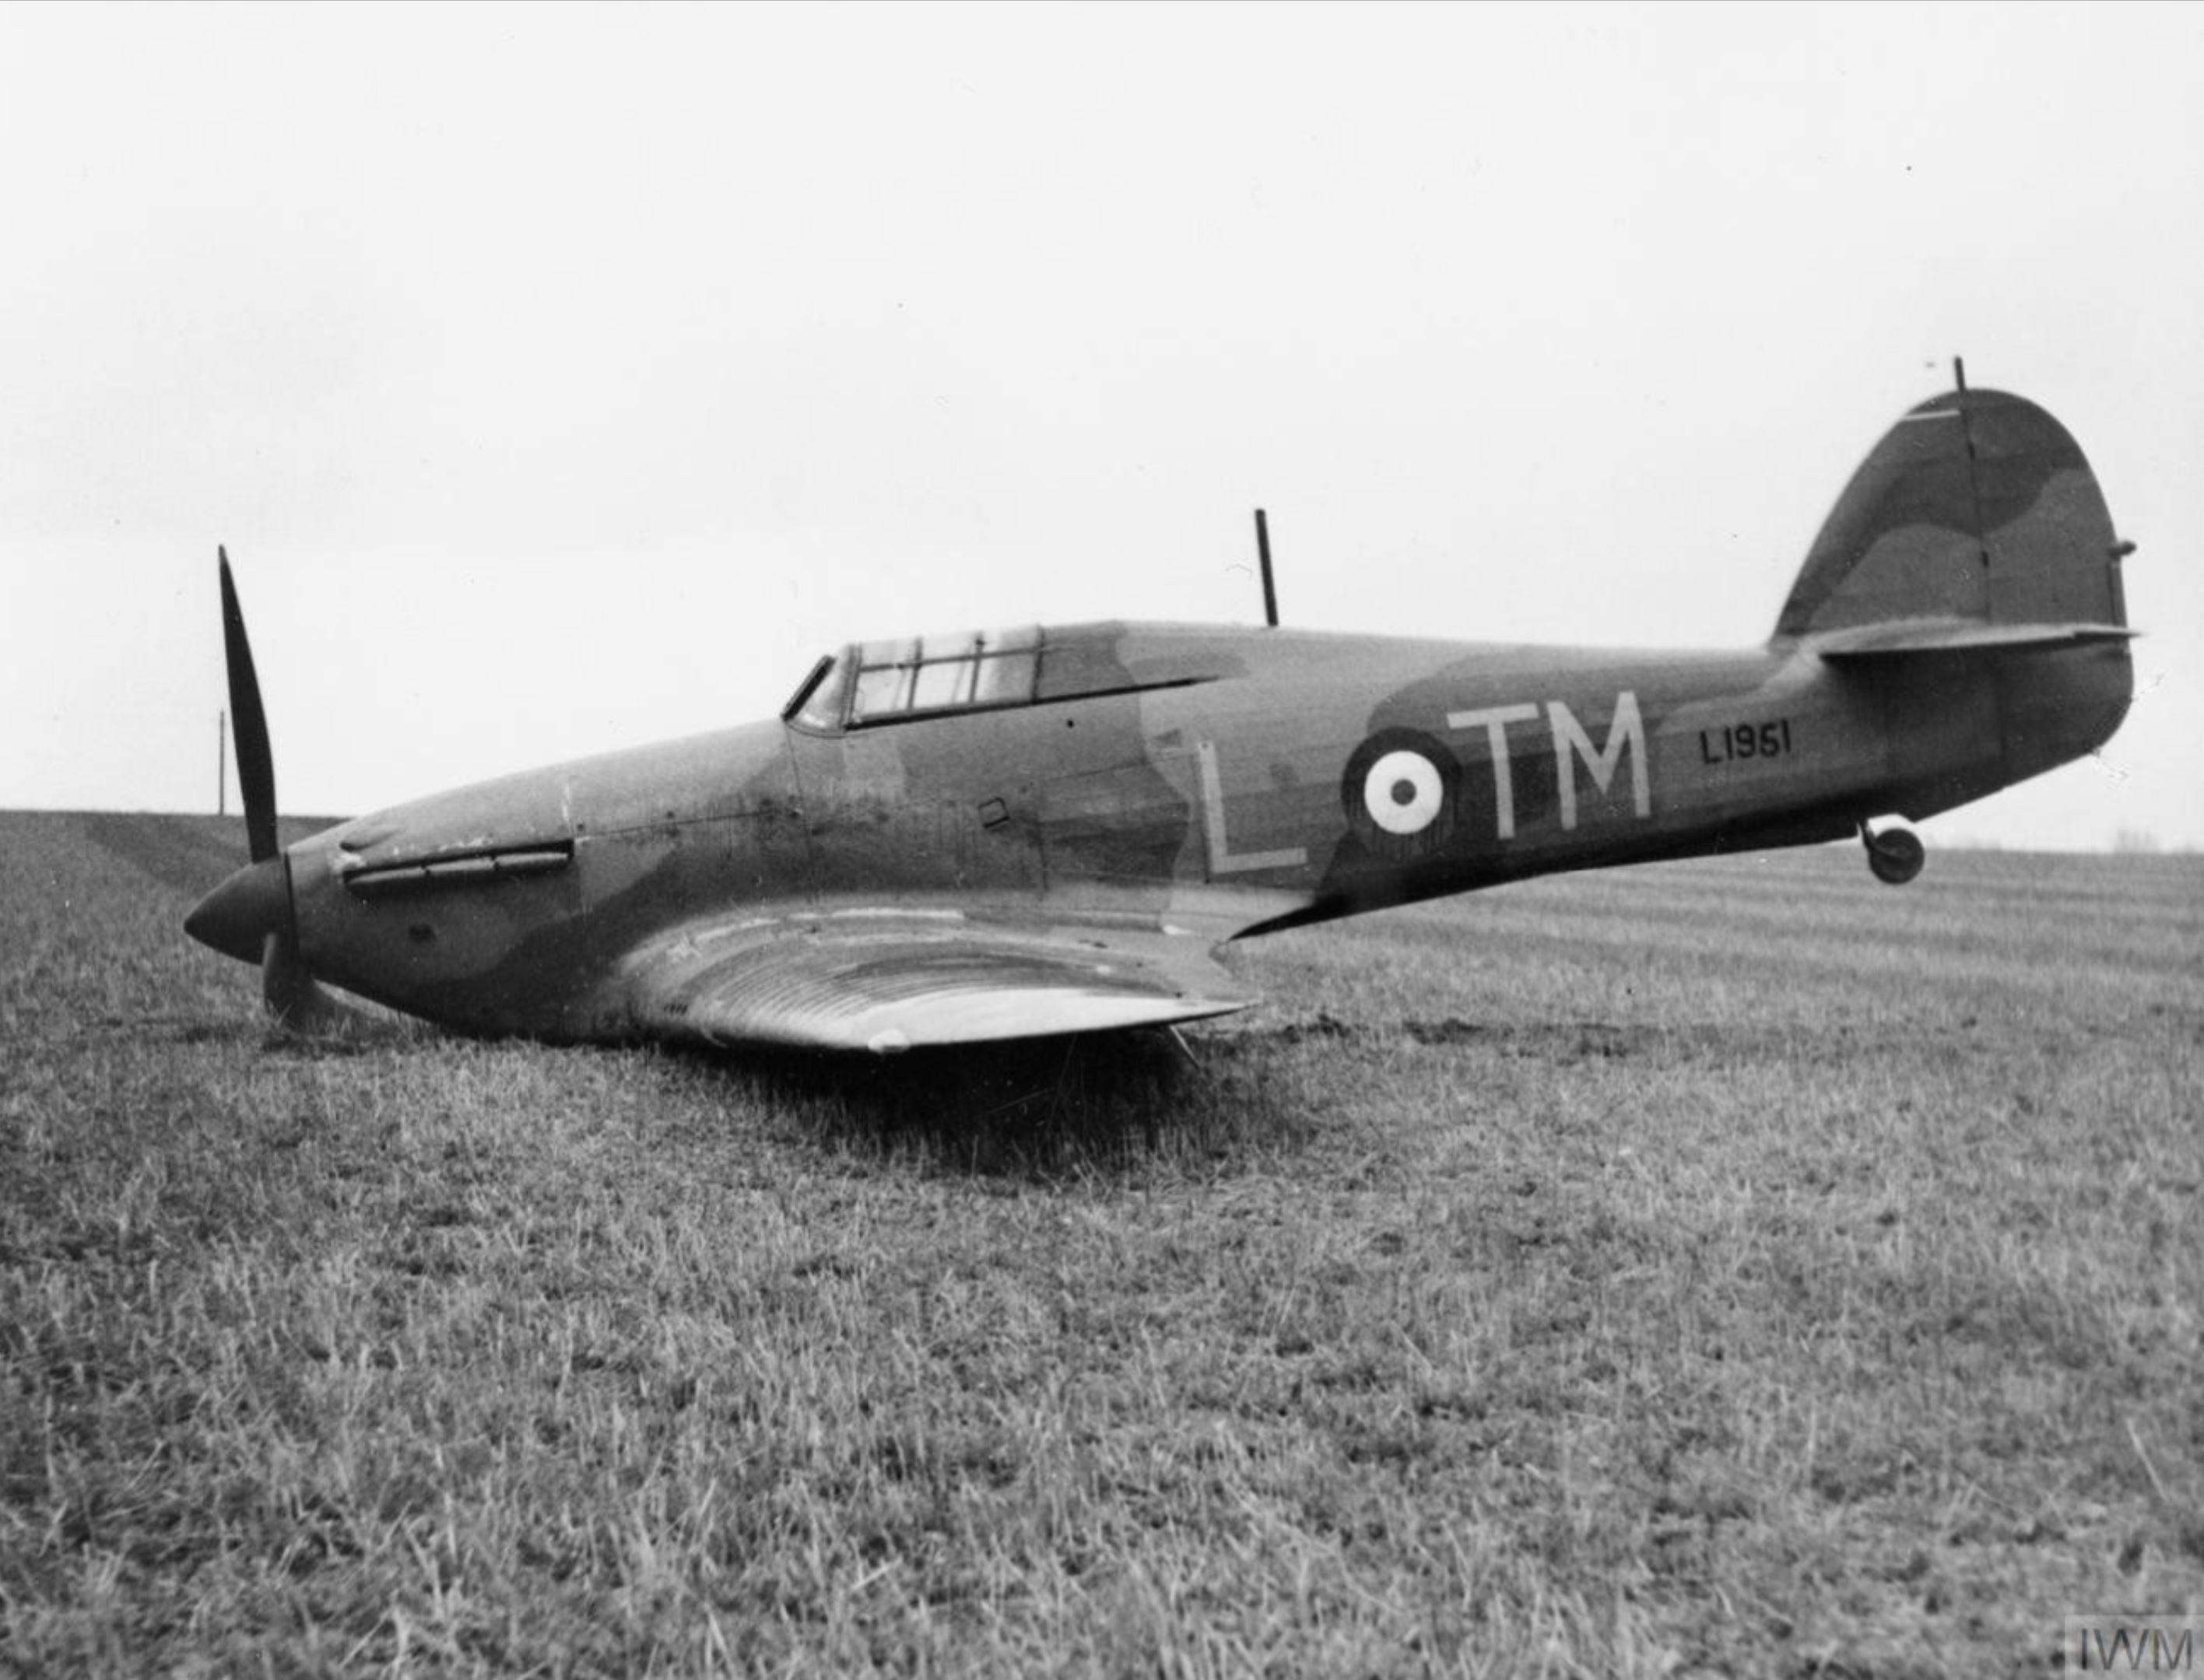 Hawker Hurricane I RAF 504Sqn TML L1951 near Great Yarmouth 2 Apr 1940 IWM HU69945